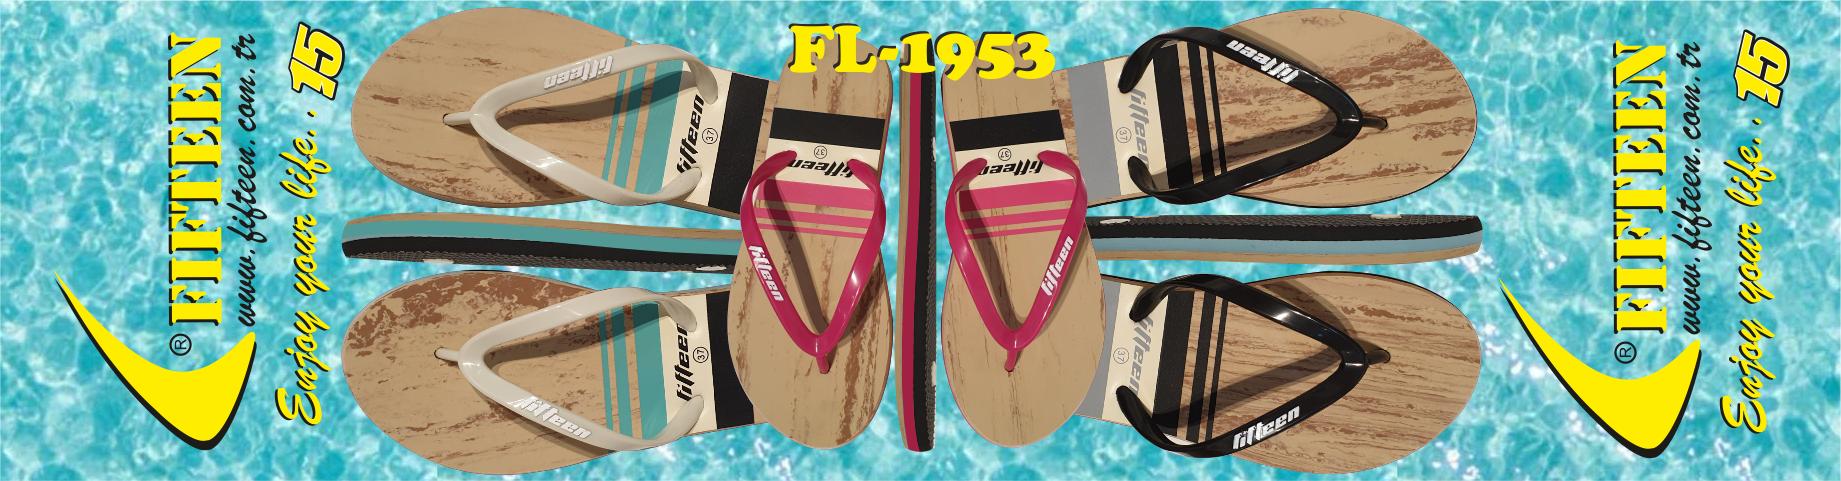 FL-1953 (AHSAP)